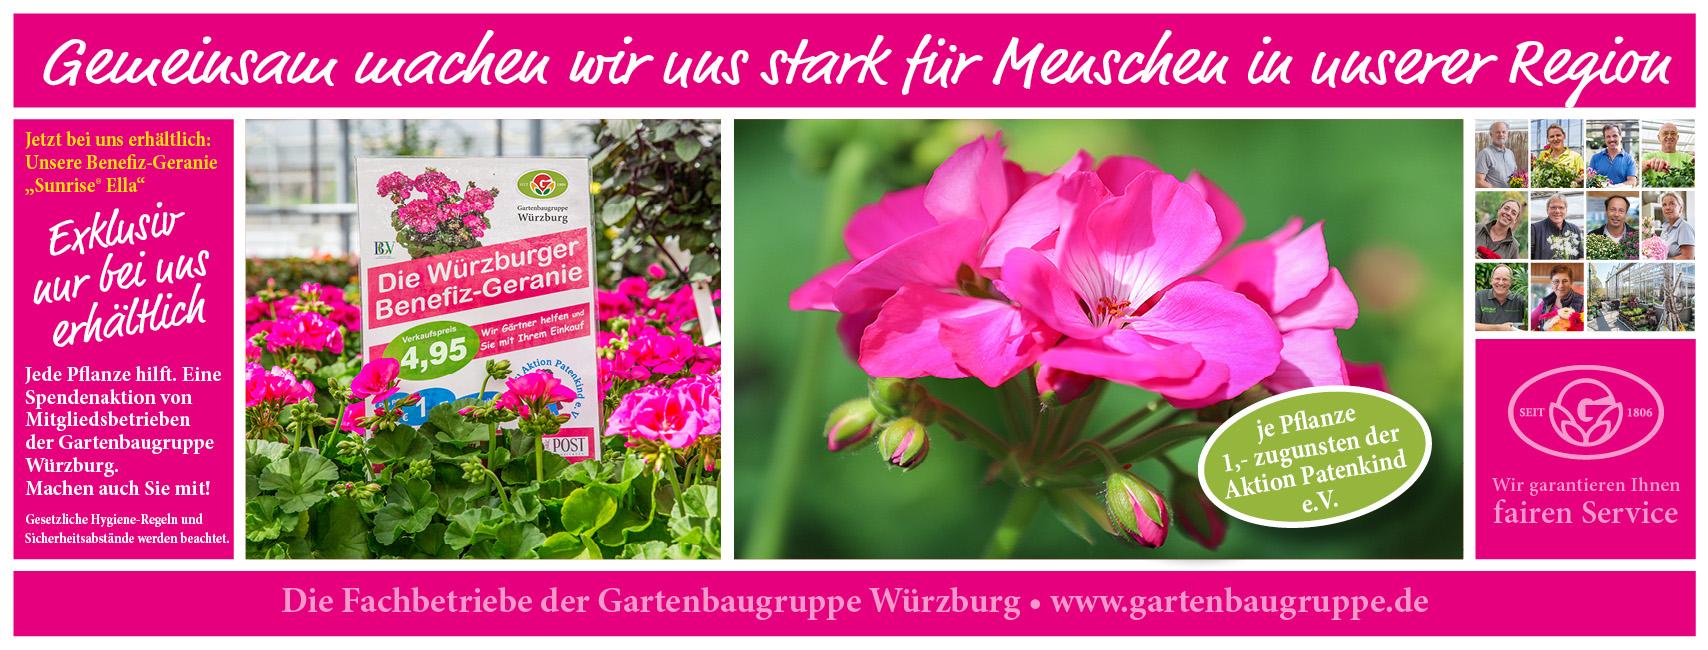 Die Würzburger Benefizgeranie Der Gartenbaugruppe